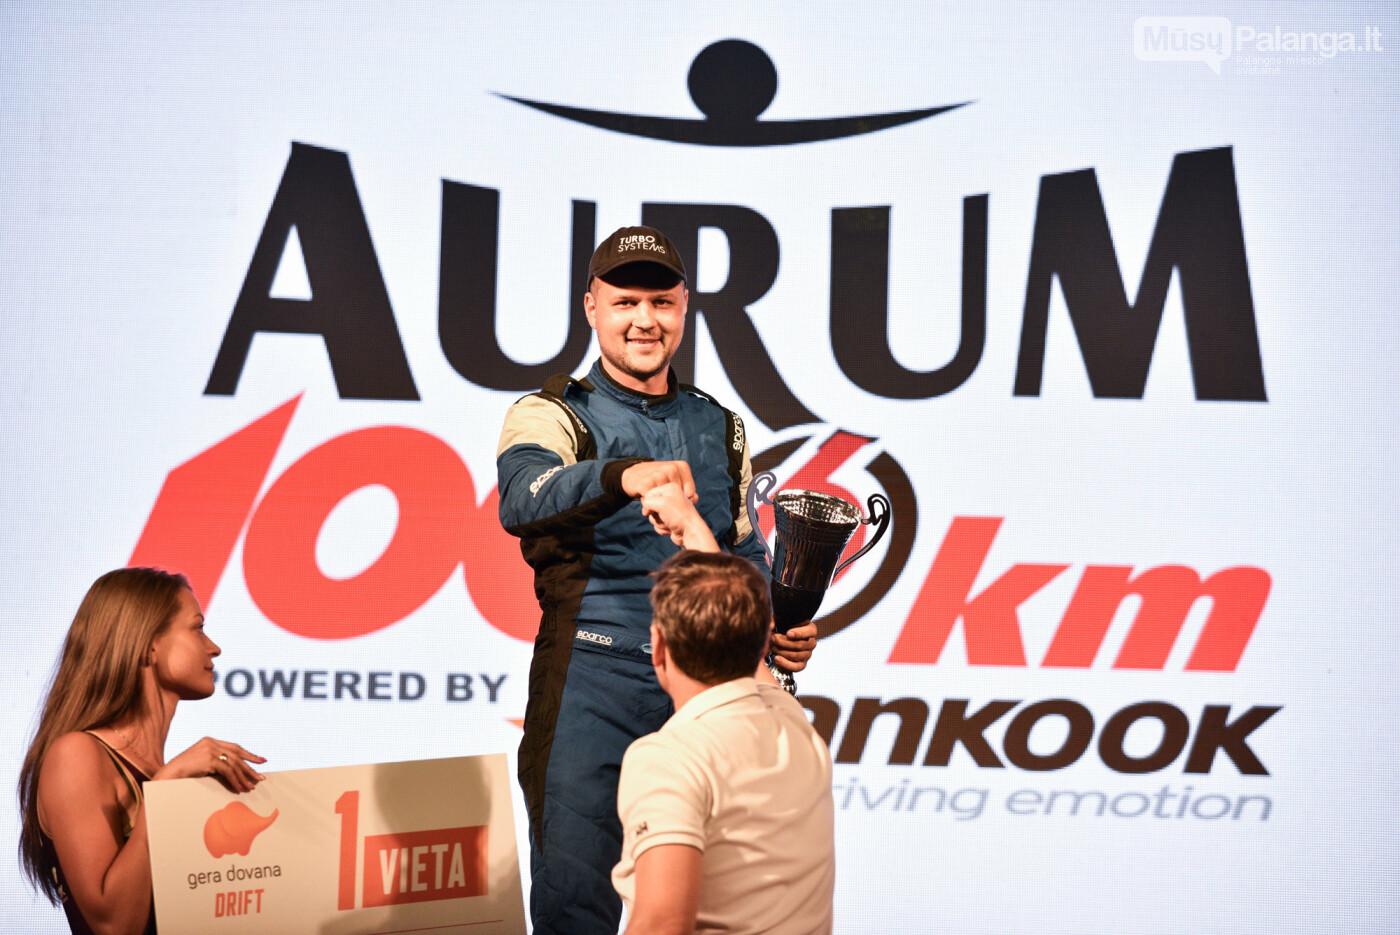 Dviejų dienų drifto batalijas vainikavo nugalėtojų pakyla, nuotrauka-26, Vytauto PILKAUSKO ir Arno STRUMILOS nuotr.